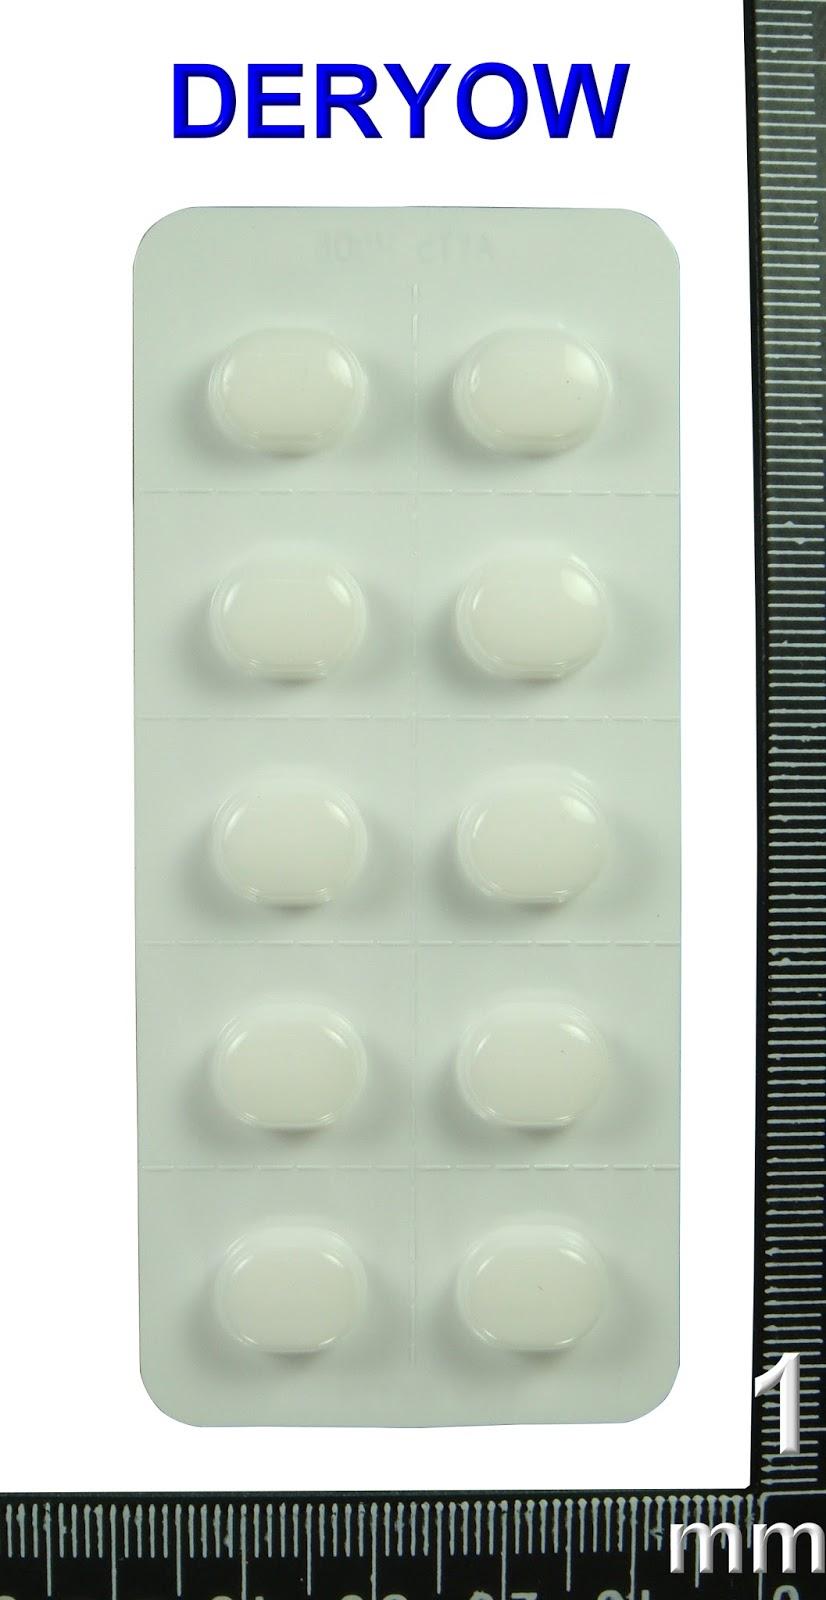 德佑藥局藥袋資訊暨藥品外觀分享: AC44475100 AMPIN 5MG TAB.〝永信 ...